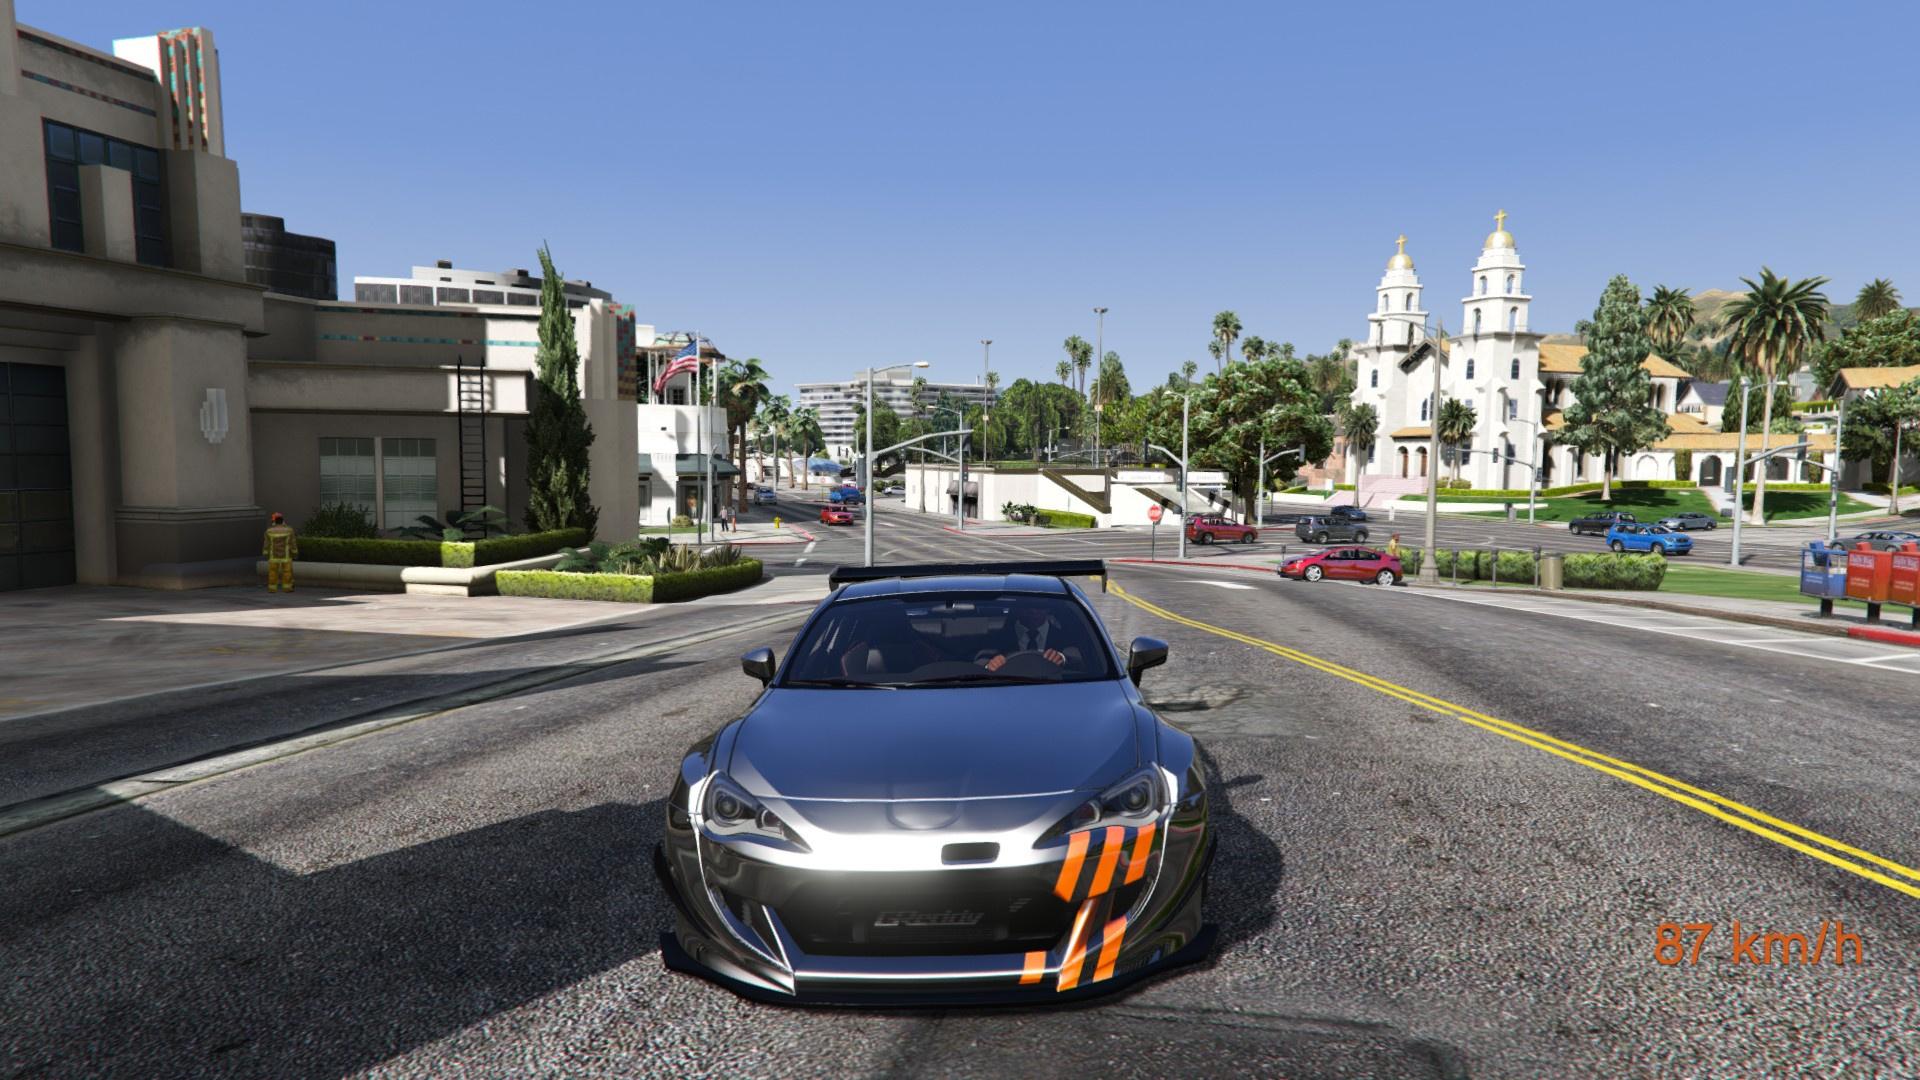 Subaru Brz Pandem Paintjobs Gta5 Mods Com